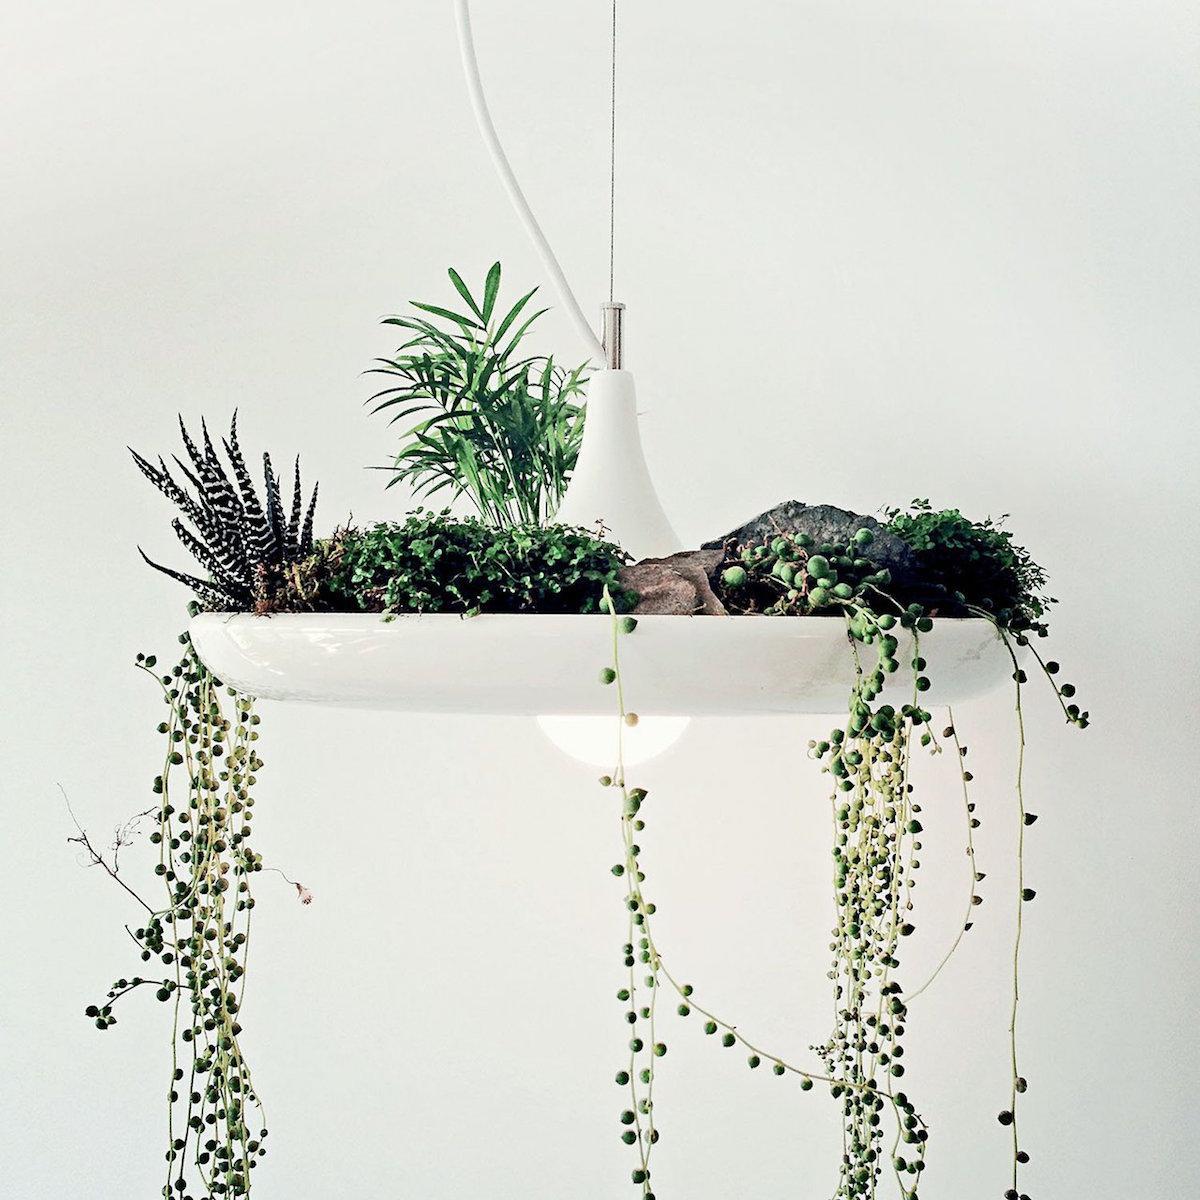 luc z zelenjem vrt v stanovanju beautyfullblog